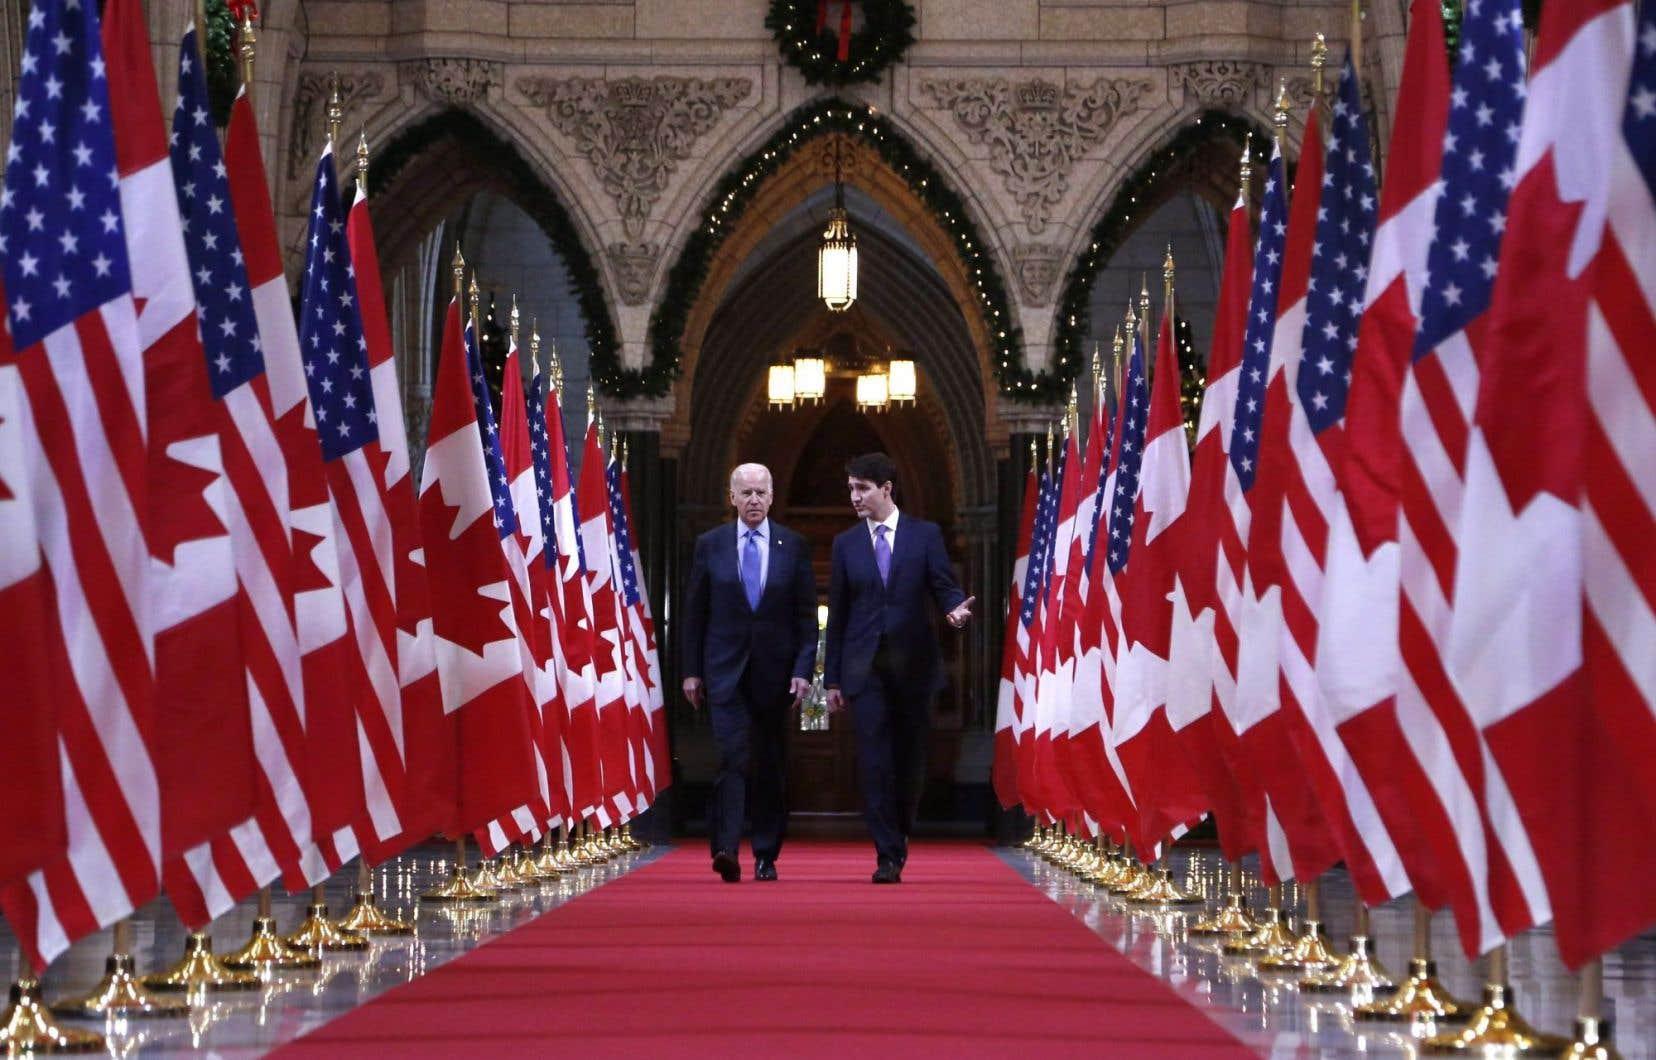 L'élection de Joe Biden peut aider le gouvernement Trudeau à promouvoir avec plus de fermeté ses politiques climatiques, estime le titulaire de la Chaire de recherche du Canada sur les politiques en matière de climat et d'énergie à l'Université d'Ottawa, Nicholas Rivers. Sur la photo, Biden et Trudeau, à Ottawa, en 2016.